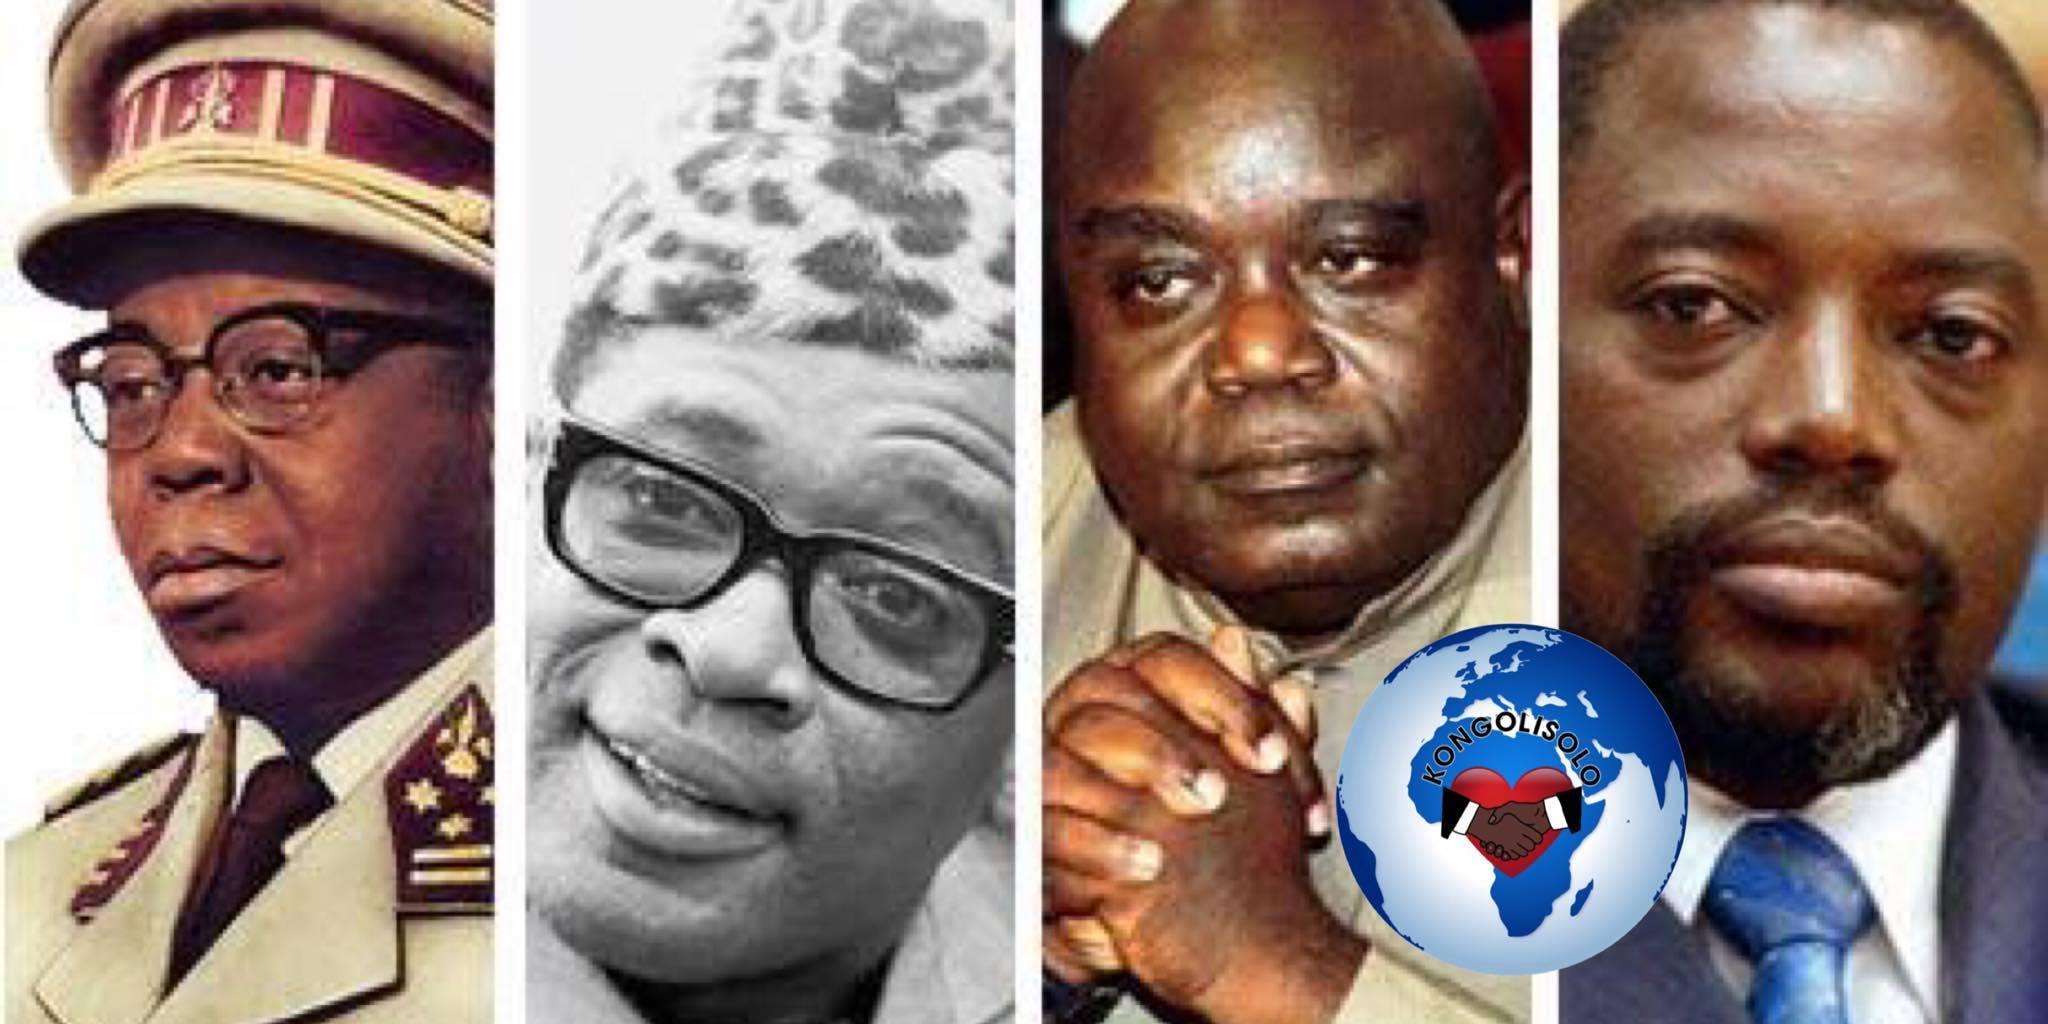 Waajibaad xusuusta: Maxaa mustaqbalka loogu talagalay DR Congo oo wajahay laba madaxweyne ee Jamhuuriyada 14 / 01 / 2012 ... (Audio)